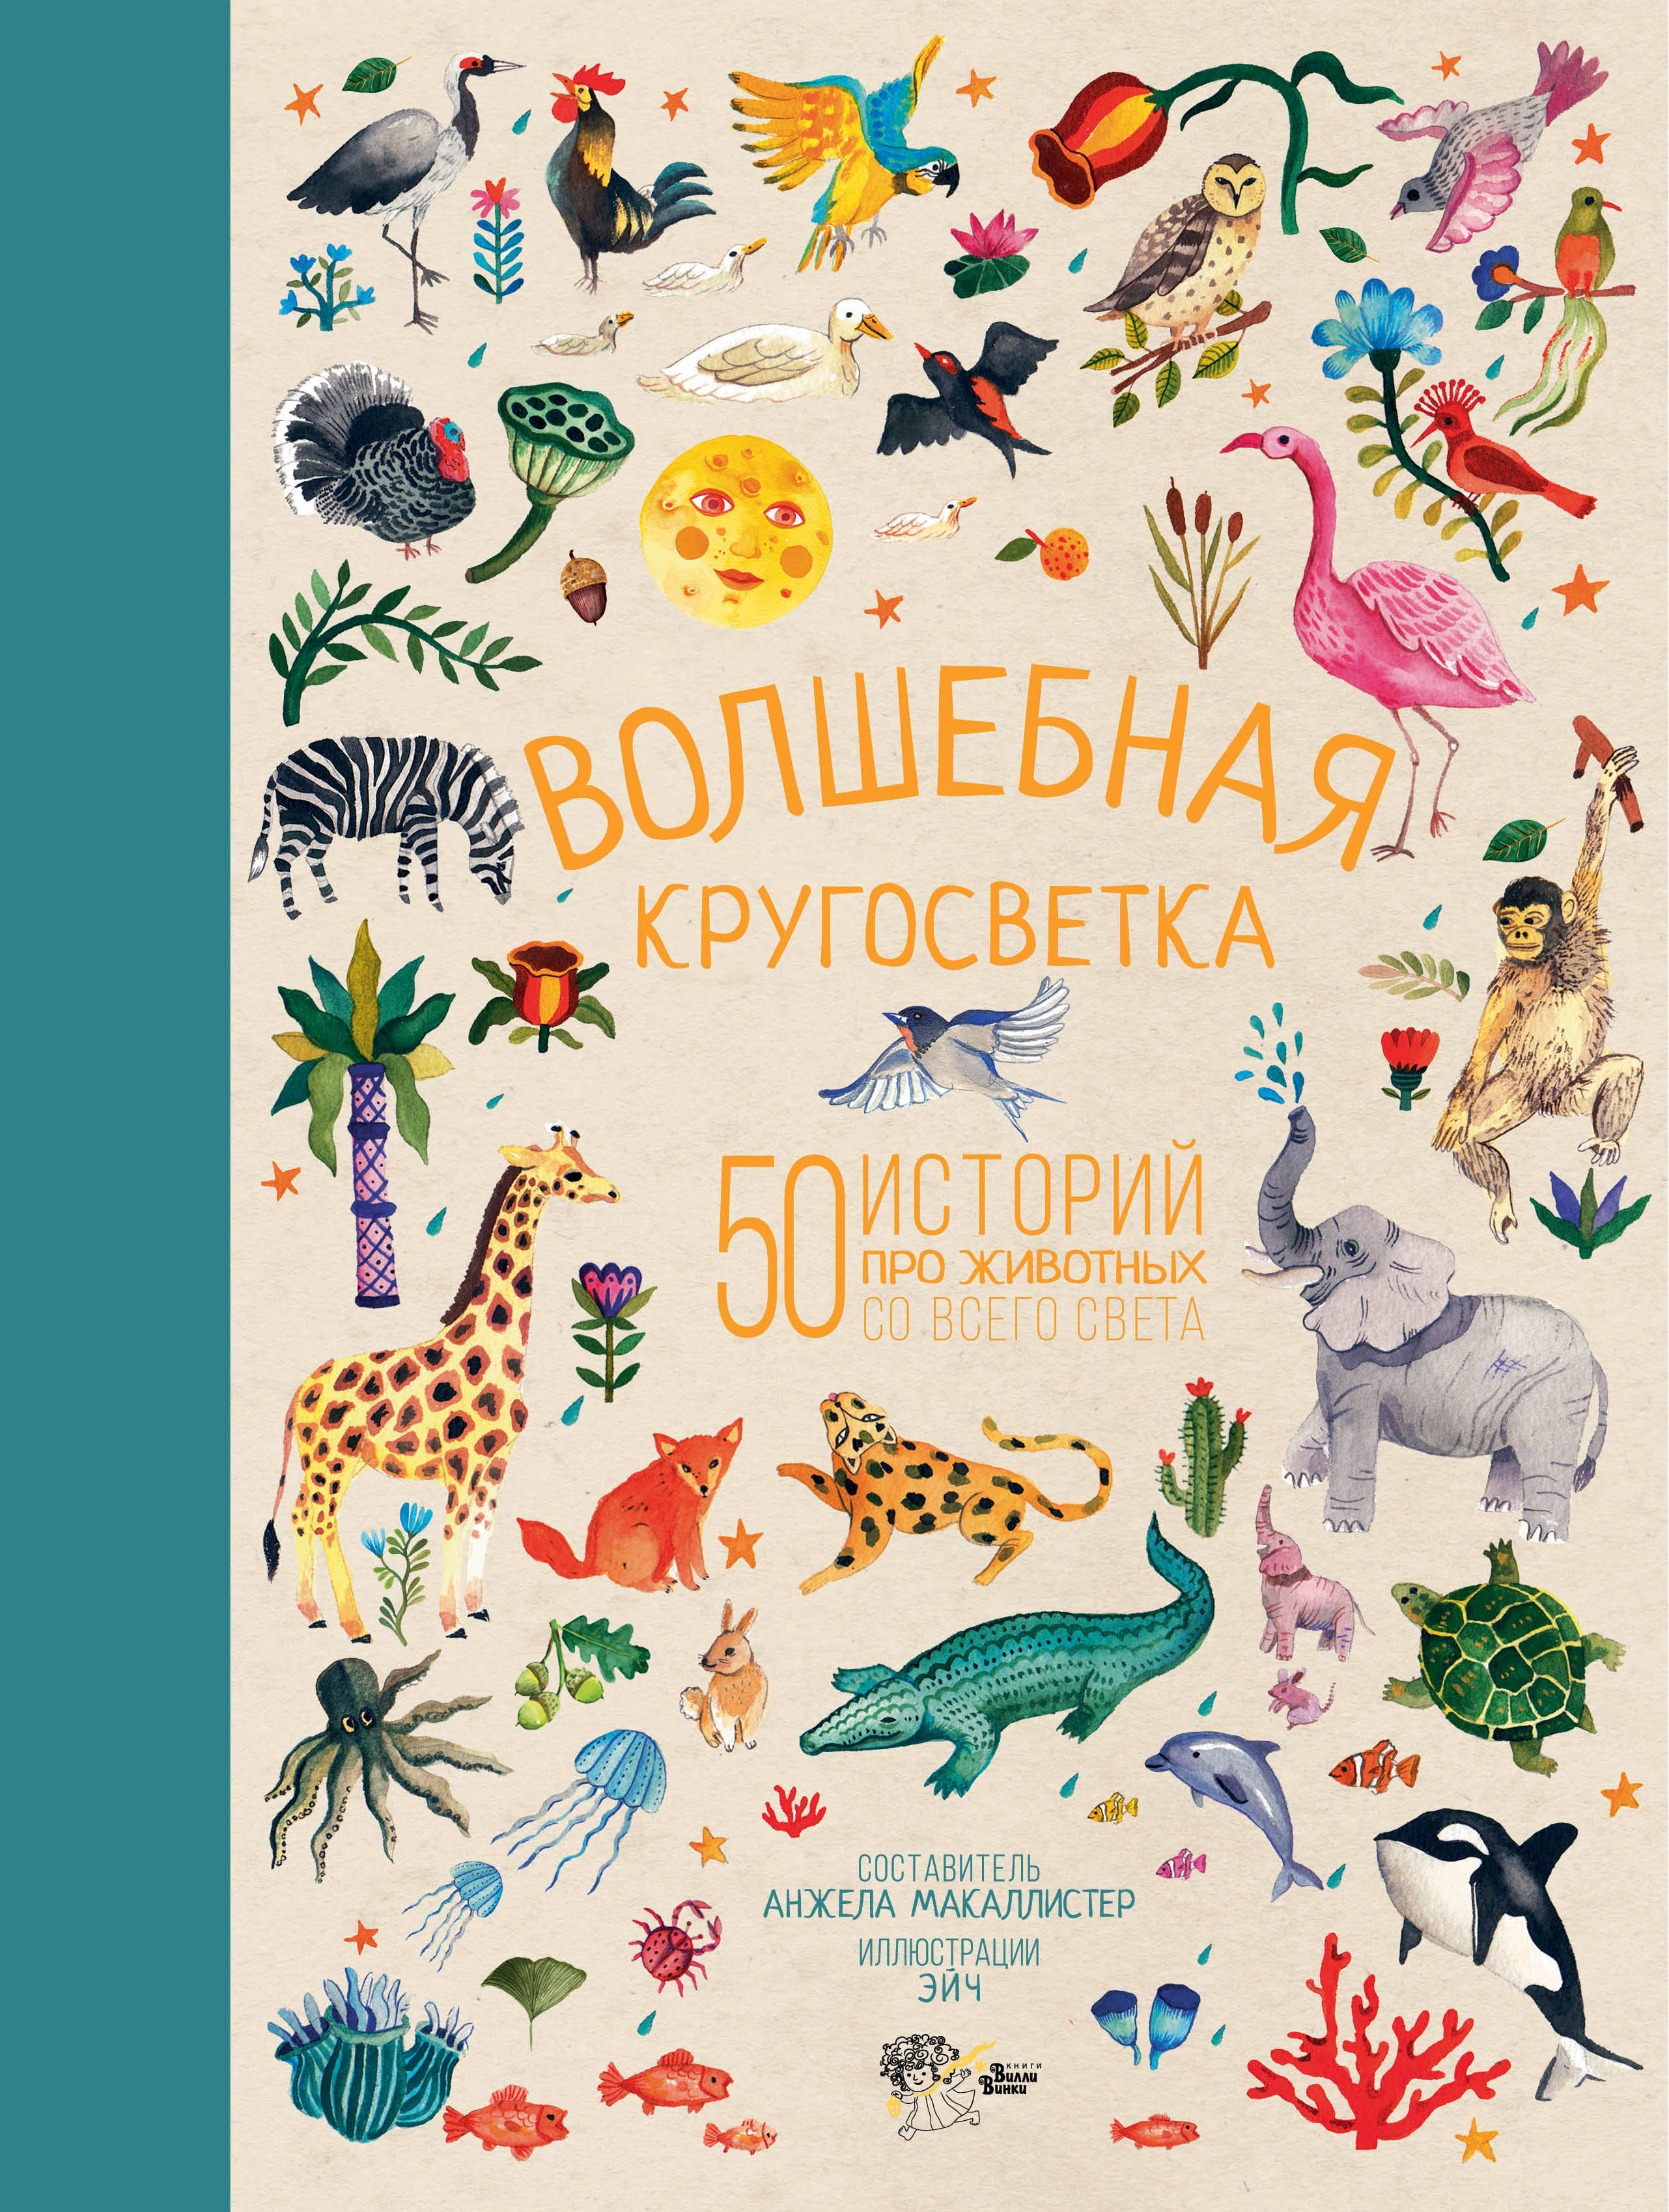 МакАллистер Анжела Волшебная кругосветка. 50 историй про животных со всего света